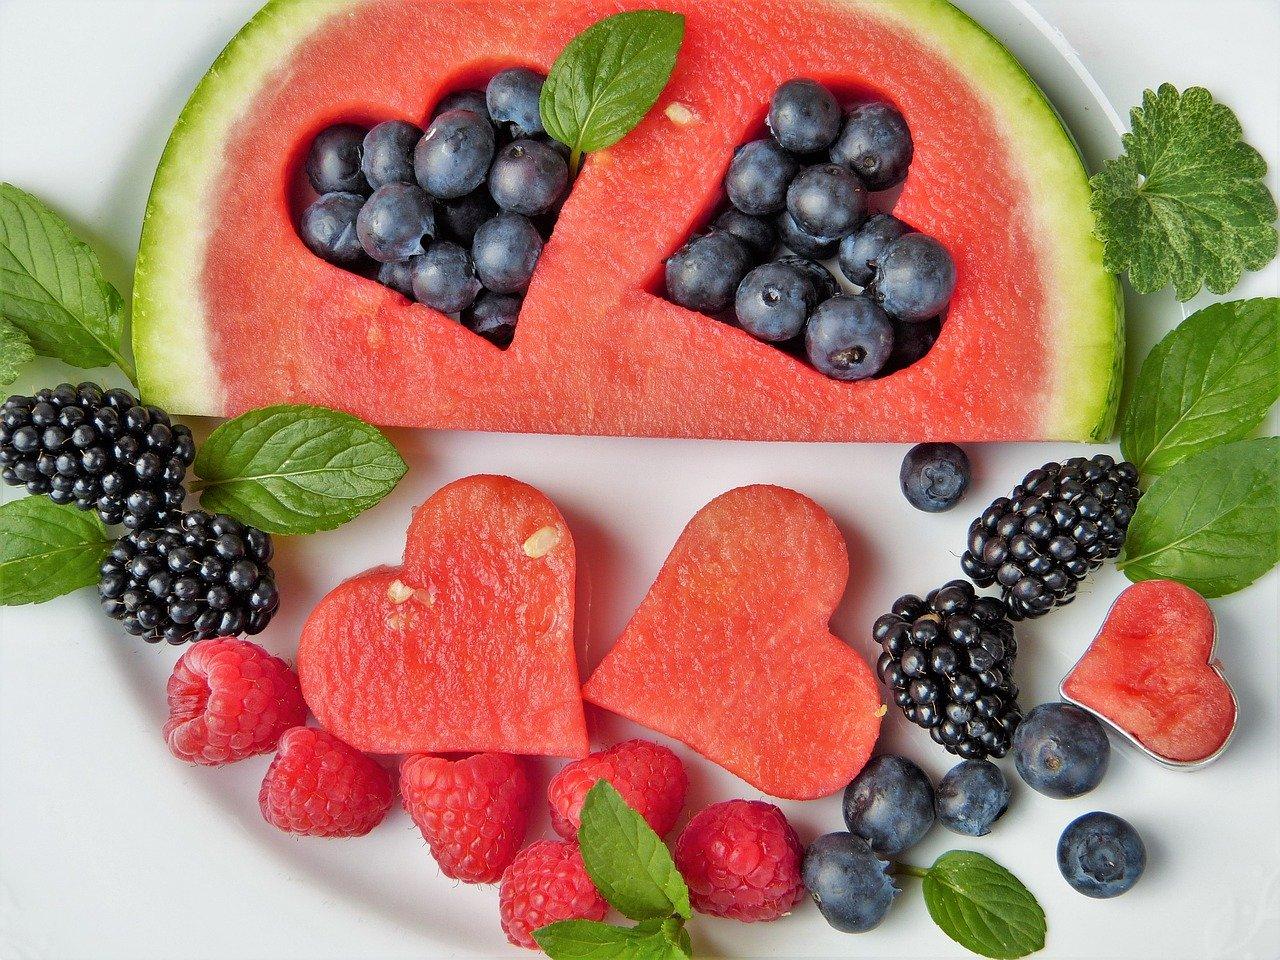 Ausgewogen Essen: Dazu gehört auch Wassermelone und Blaubeere